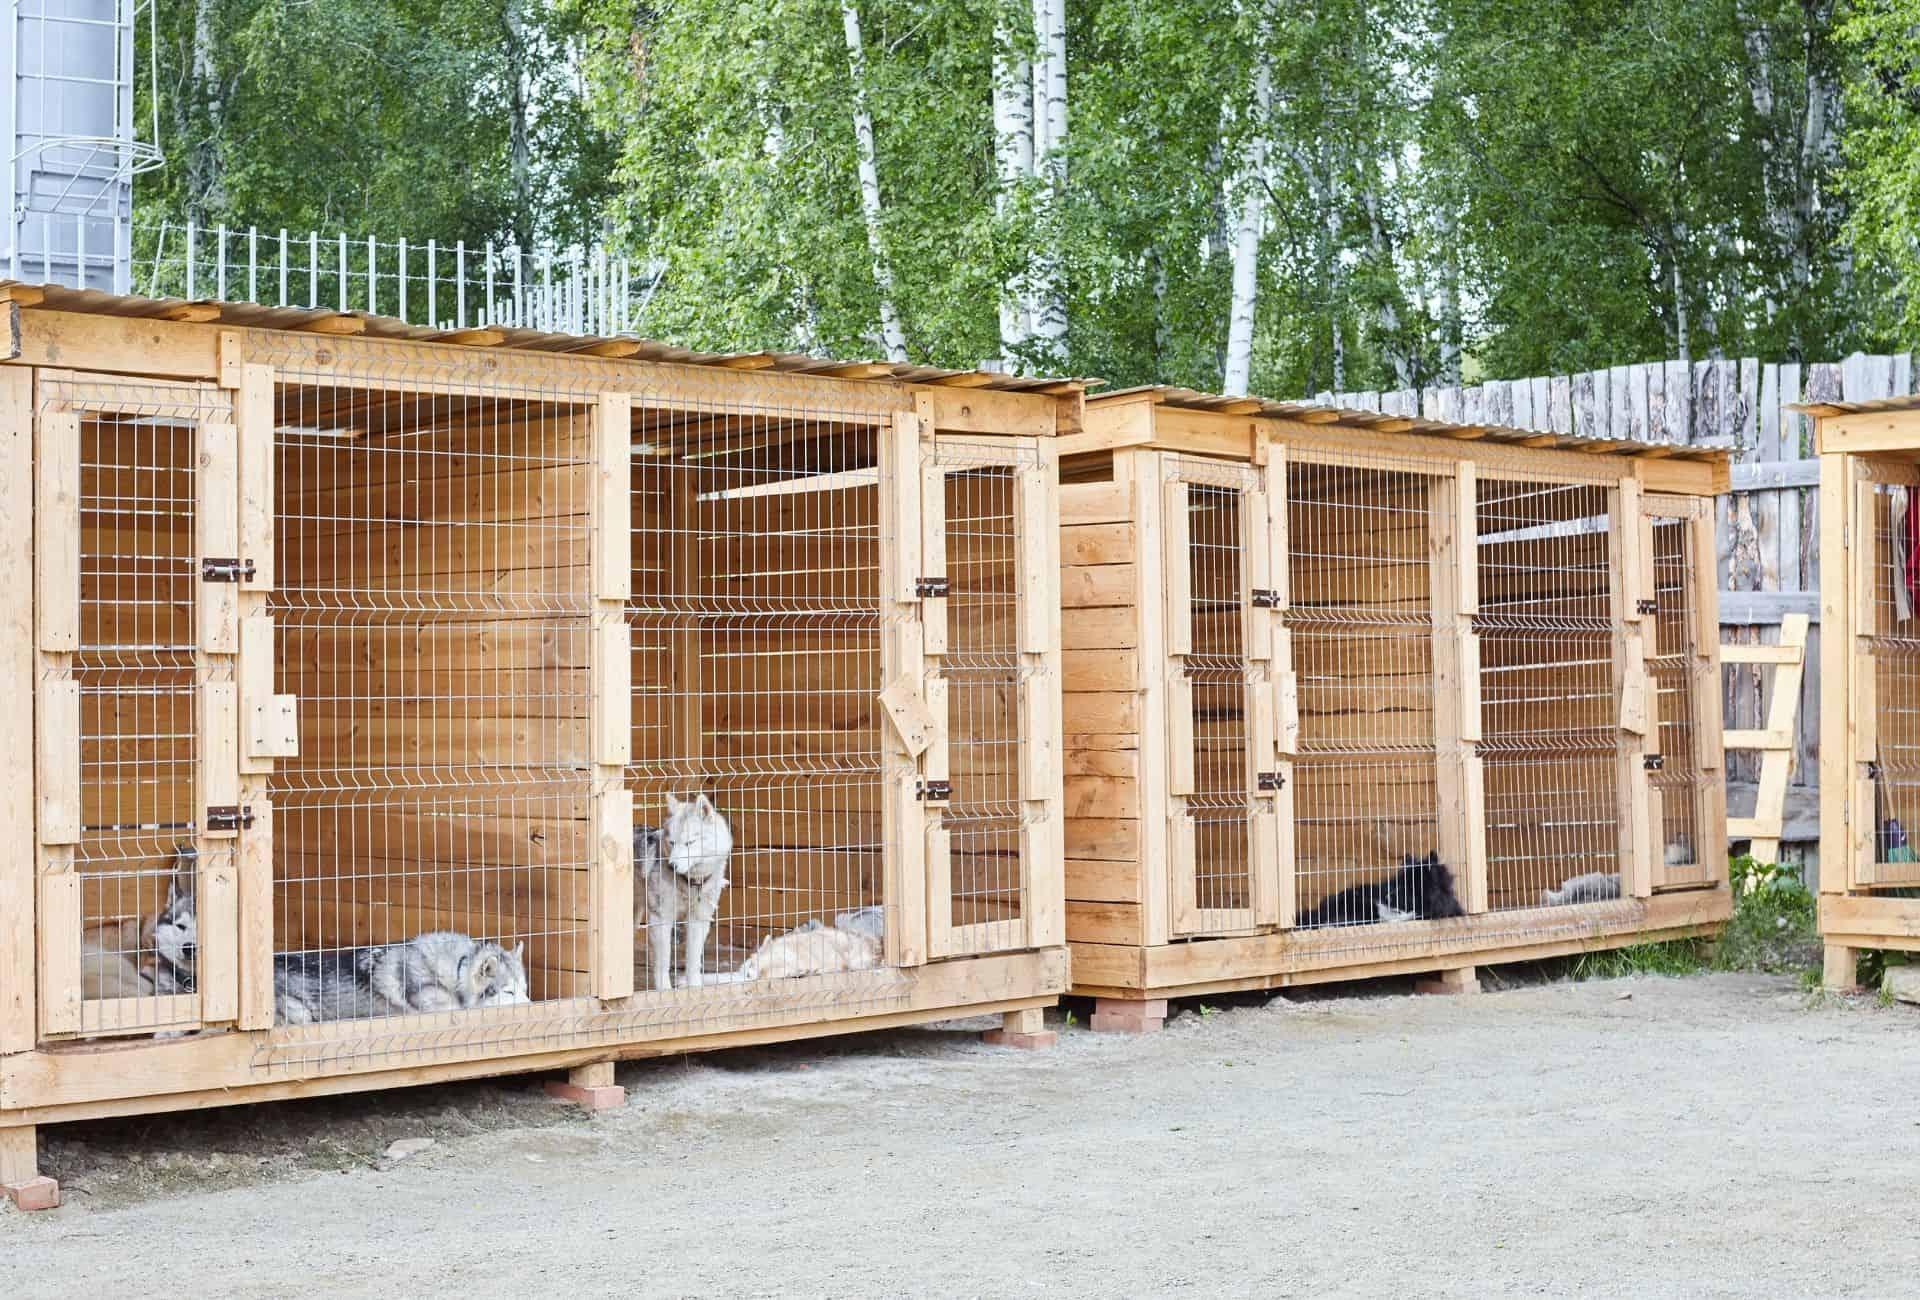 Dogs in boarding kennels.